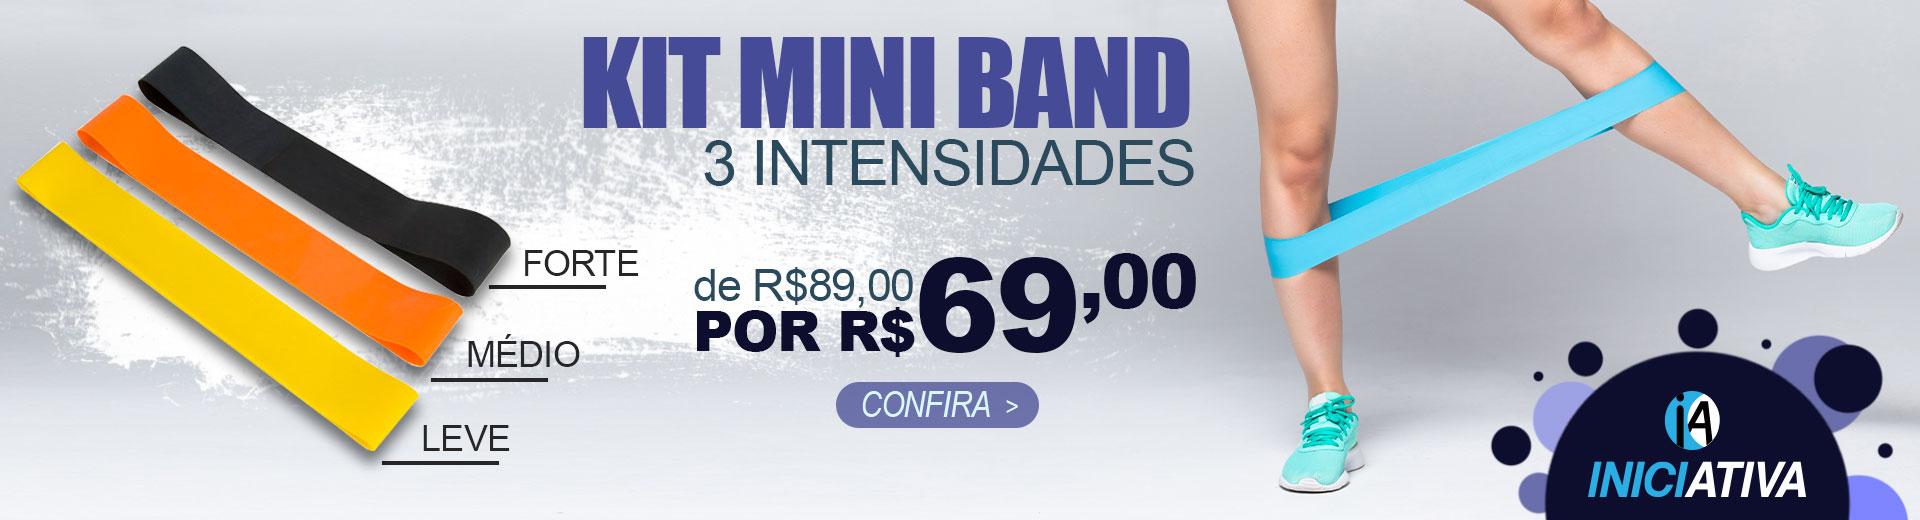 kit mini band em promoÇÃo